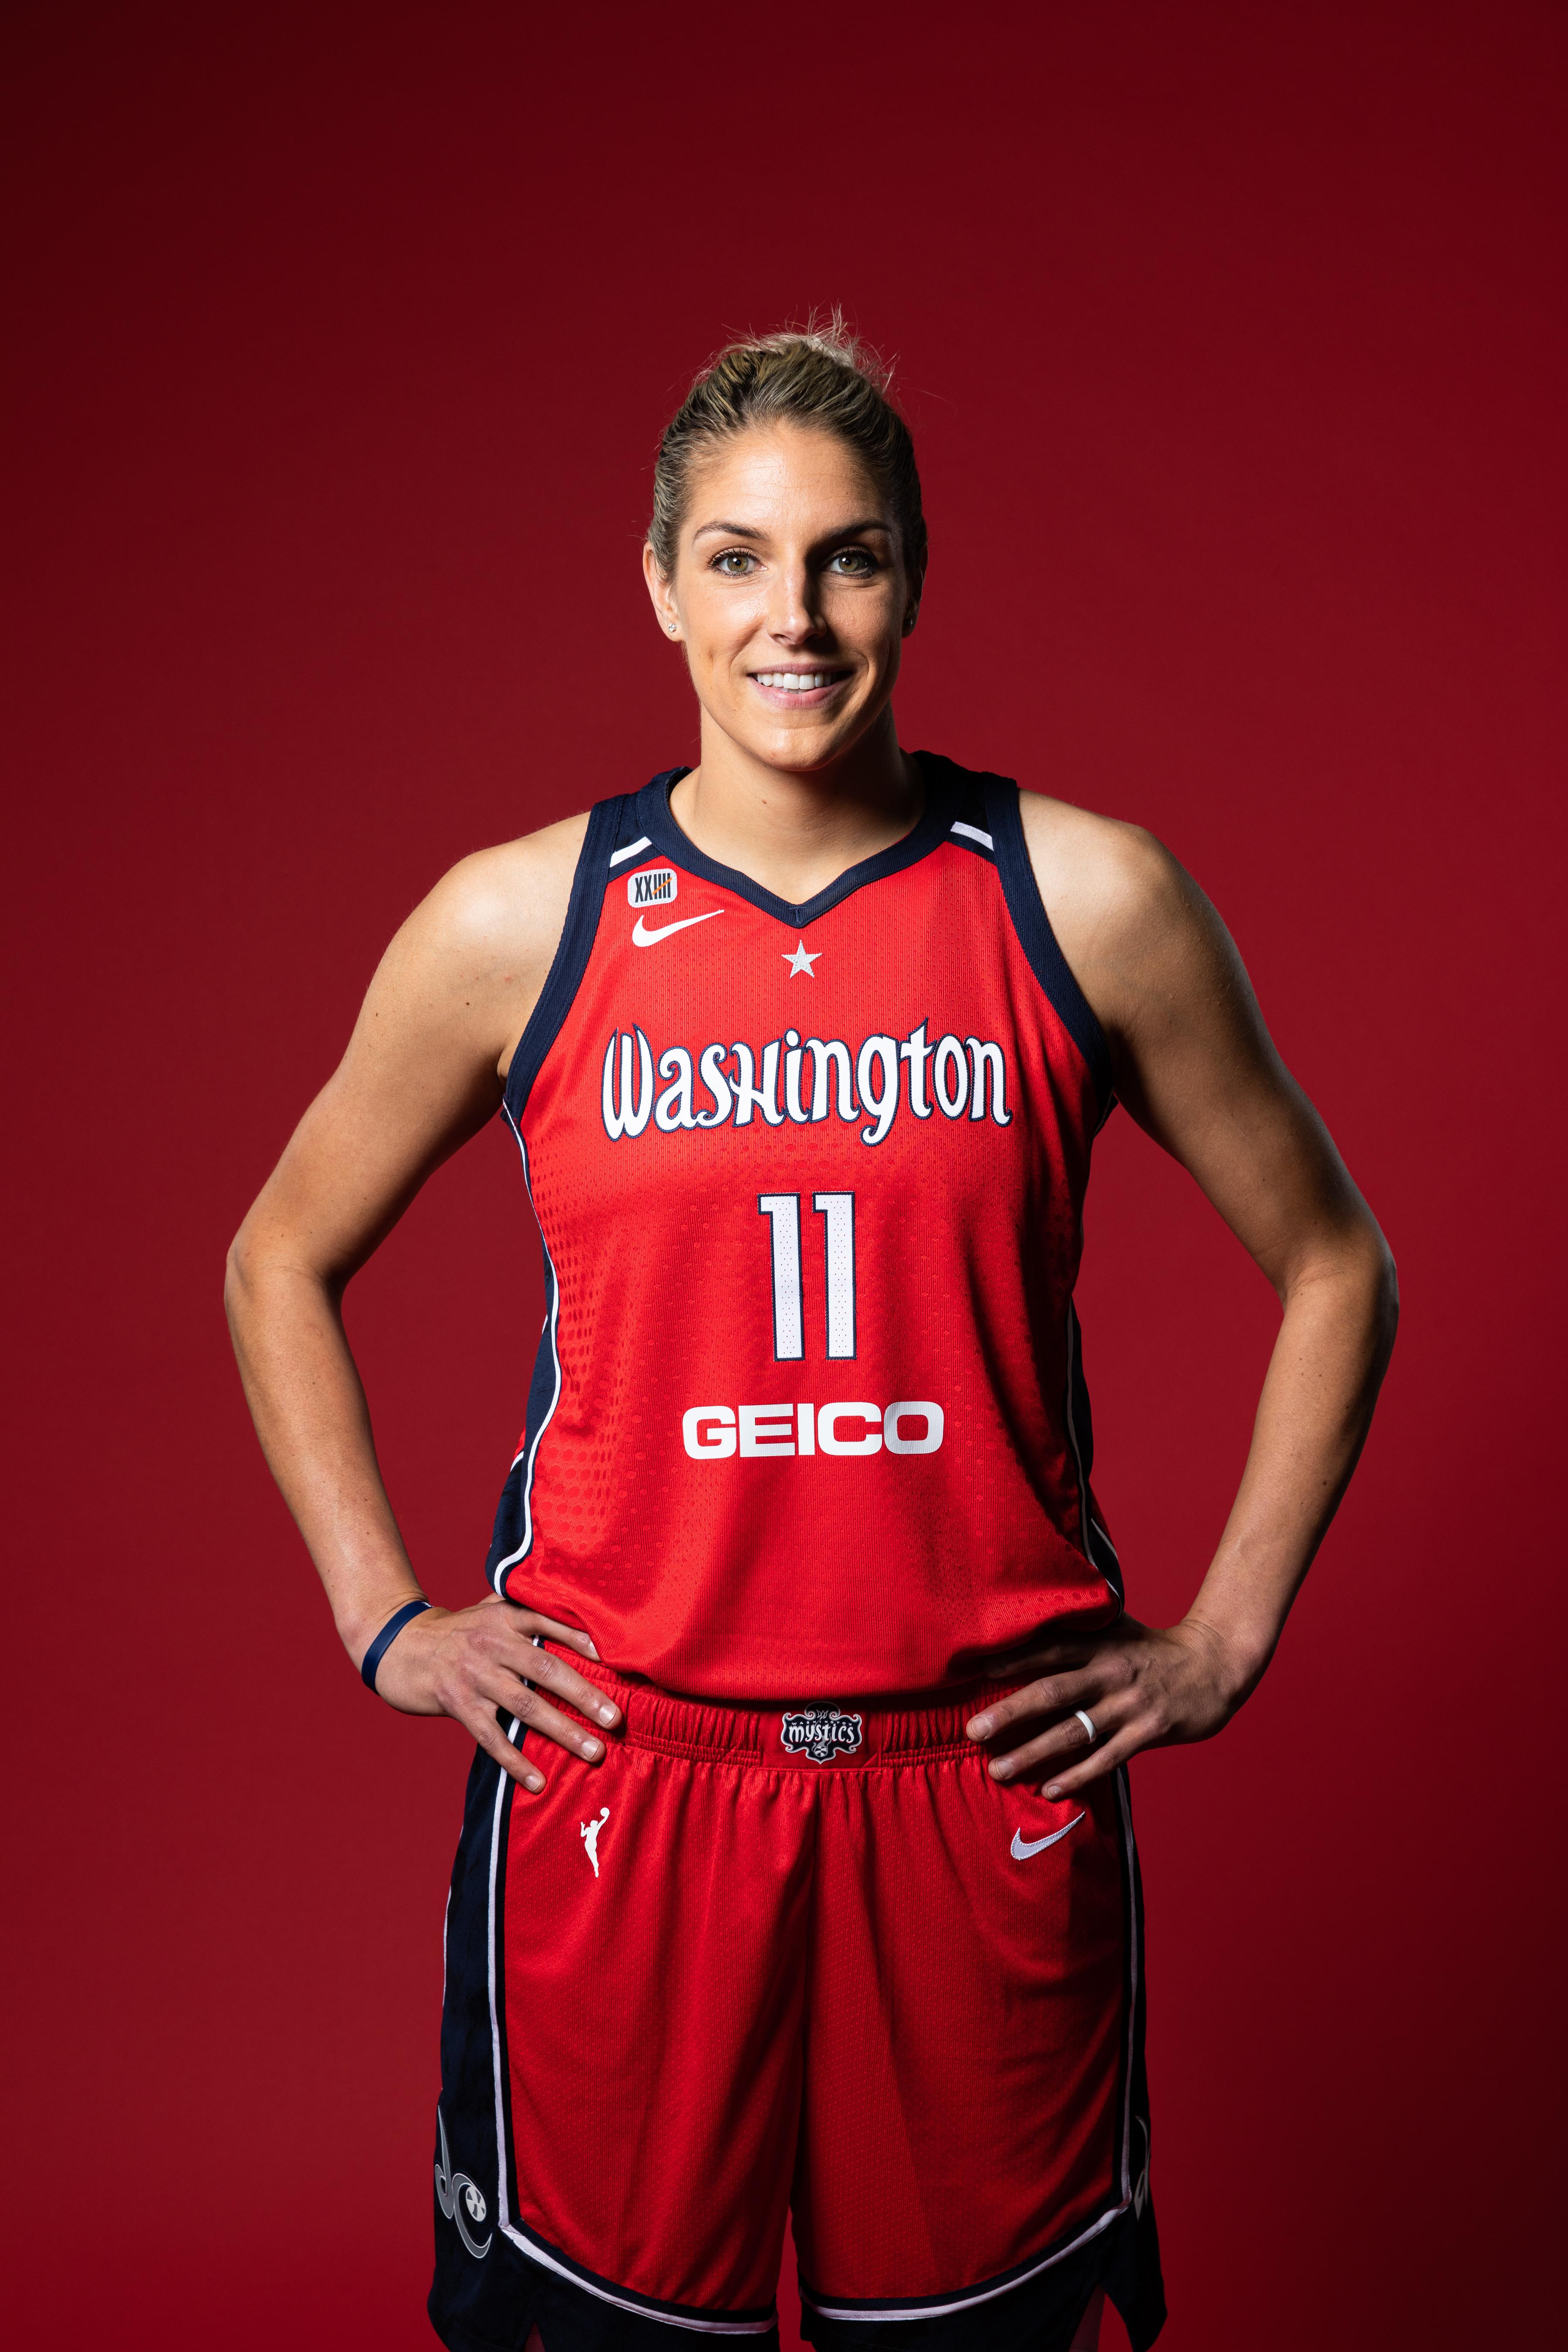 2021年4月26日,华盛顿特区圣伊丽莎白娱乐和体育场馆的2021年WNBA媒体日,华盛顿神秘主义者的埃琳娜·德尔·多恩摆姿势拍照。